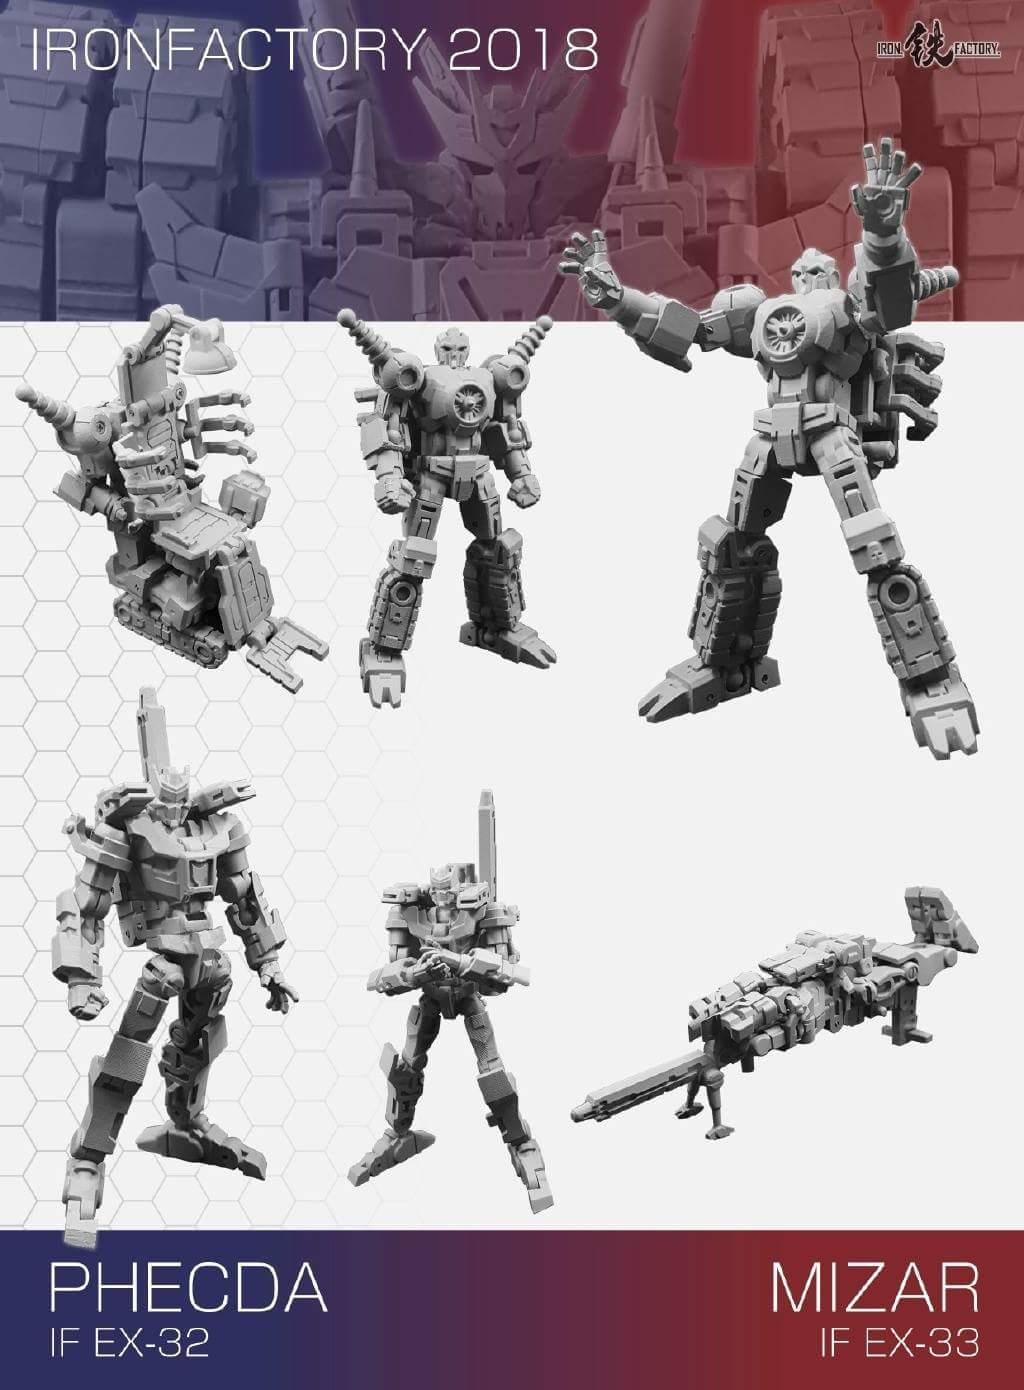 [Iron Factory] Produit Tiers - TF de la Gamme IF-EX - des BD TF d'IDW - échelle Legends - Page 5 HAhrANWm_o